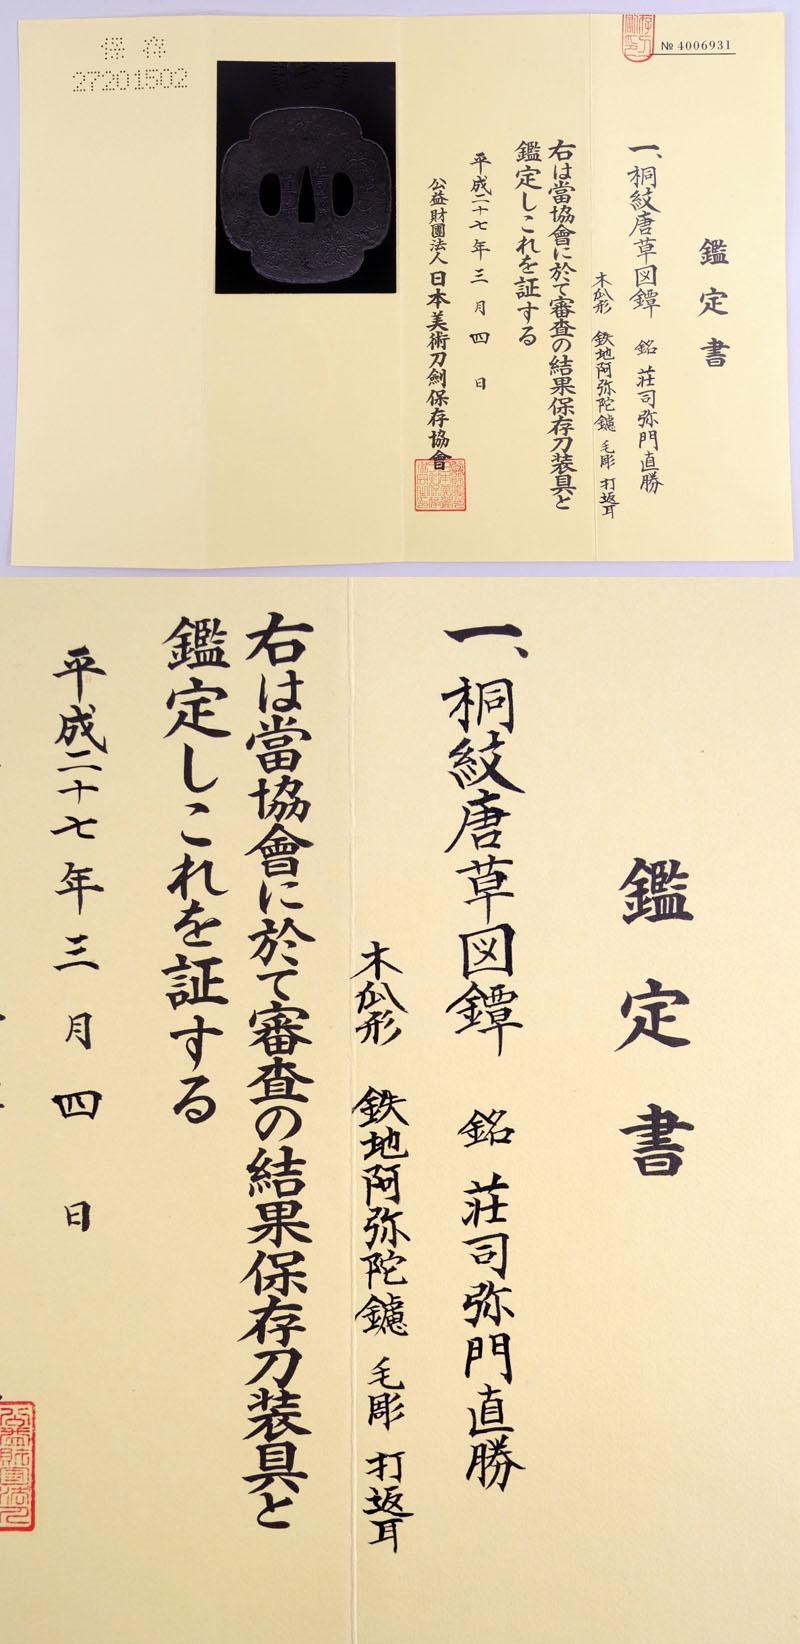 桐紋唐草図鍔 荘司弥門直勝 Picture of Certificate